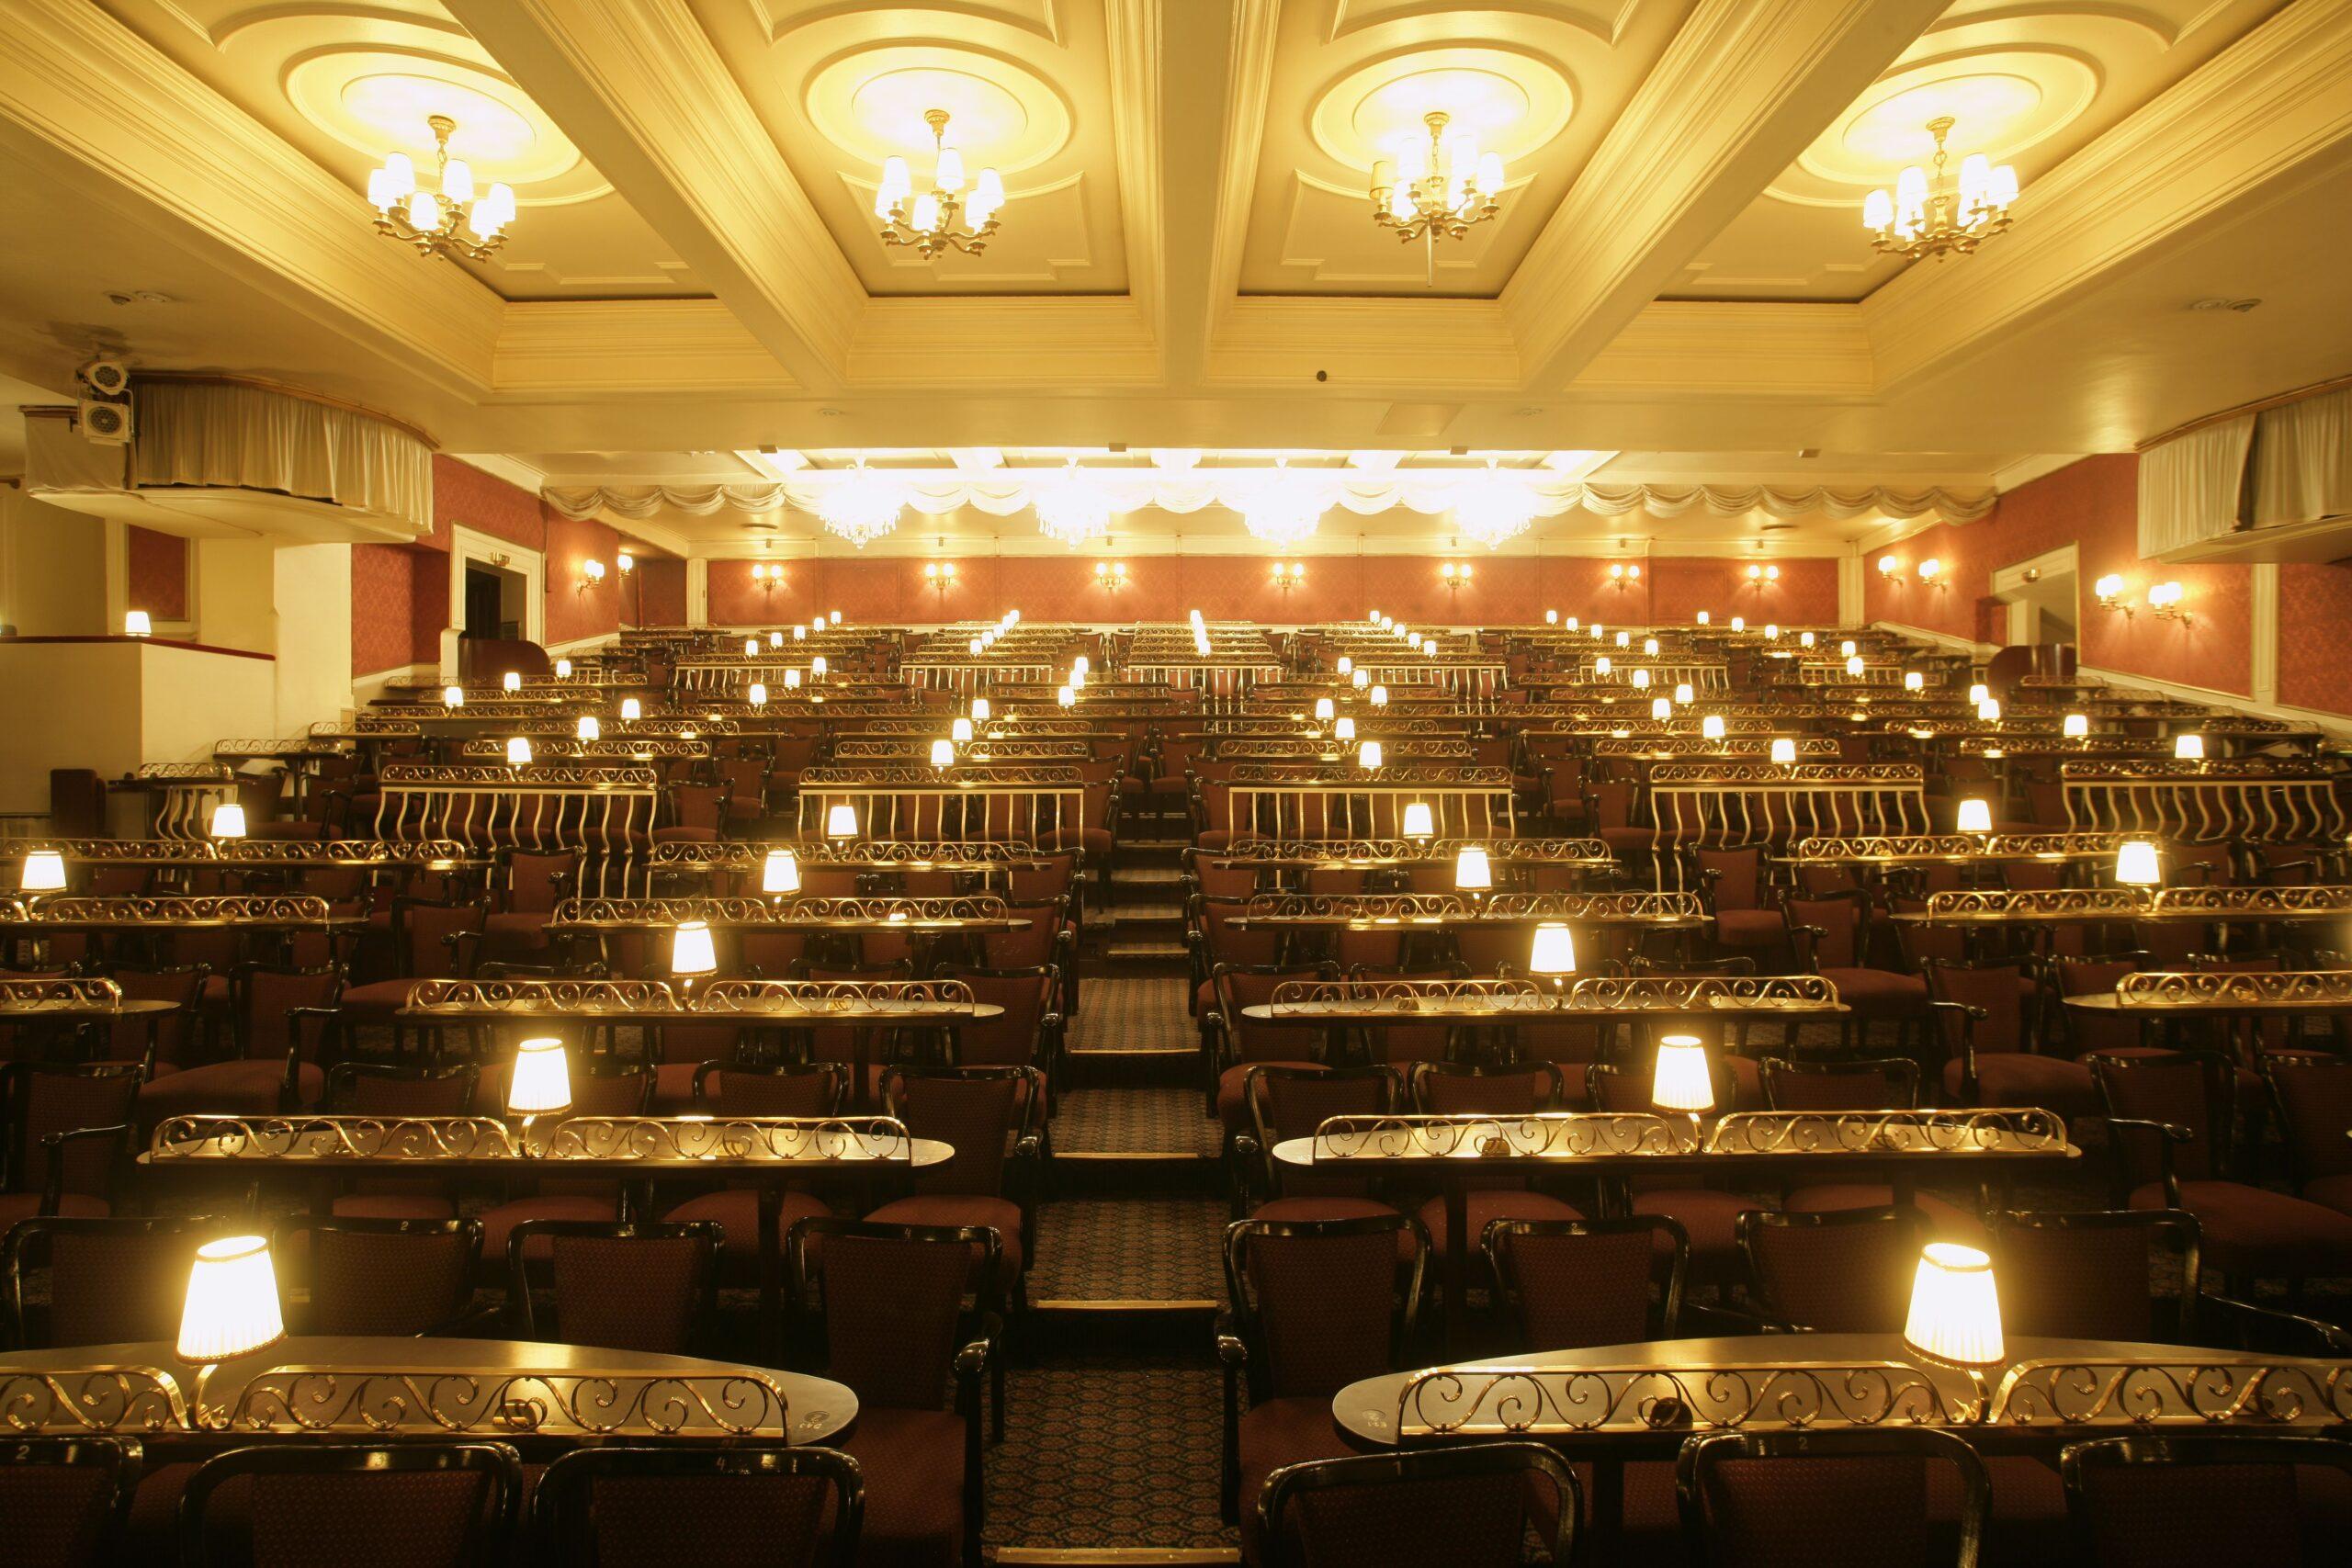 Hansa-Theater Saal, © Oliver Fantitisch / Abdruck bei Nennung des Fotografen honorarfrei